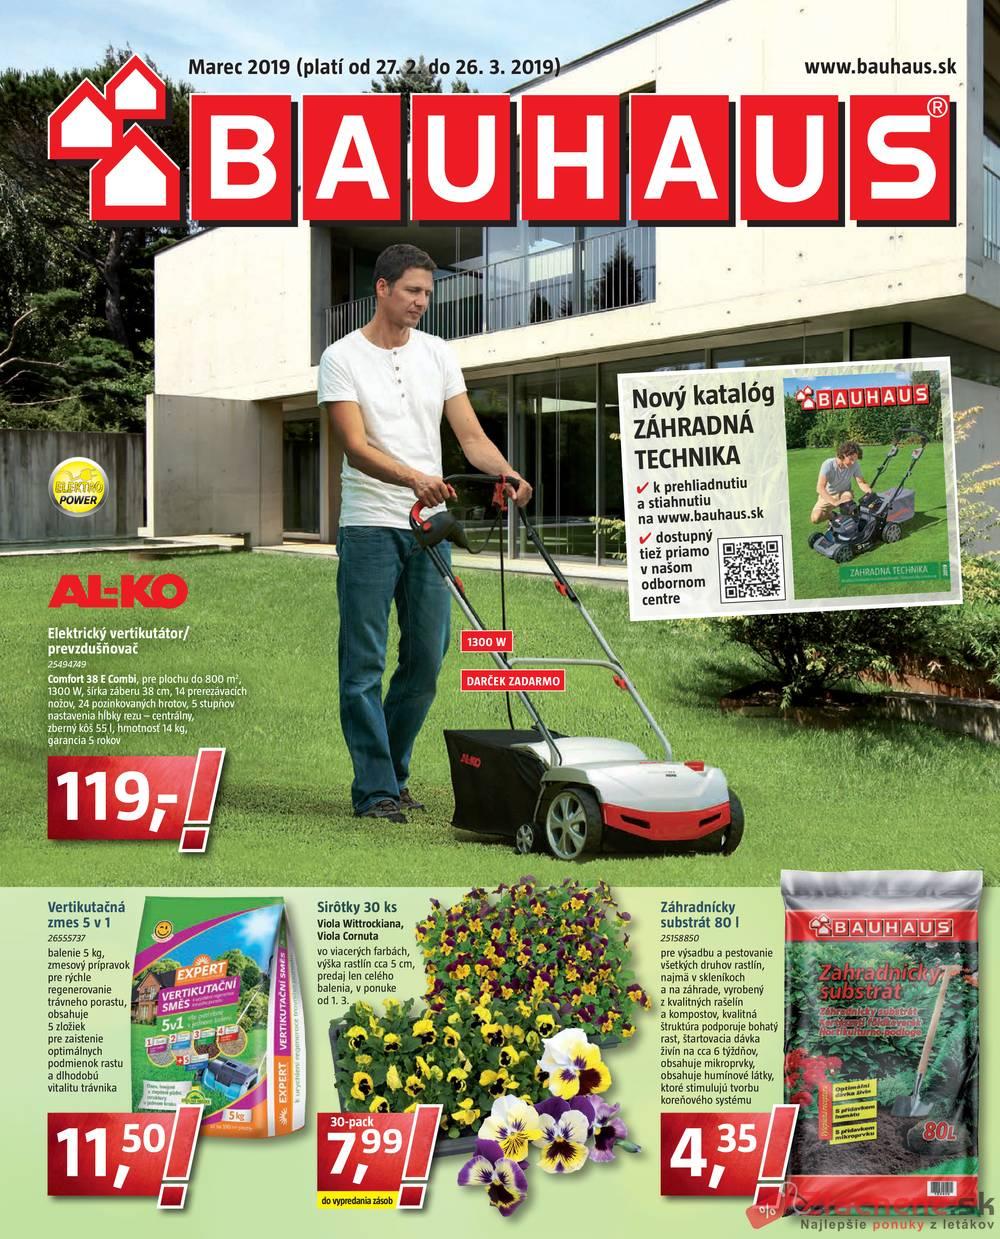 Leták Bauhaus - Bauhaus 27.2. - 26.3. - strana 1